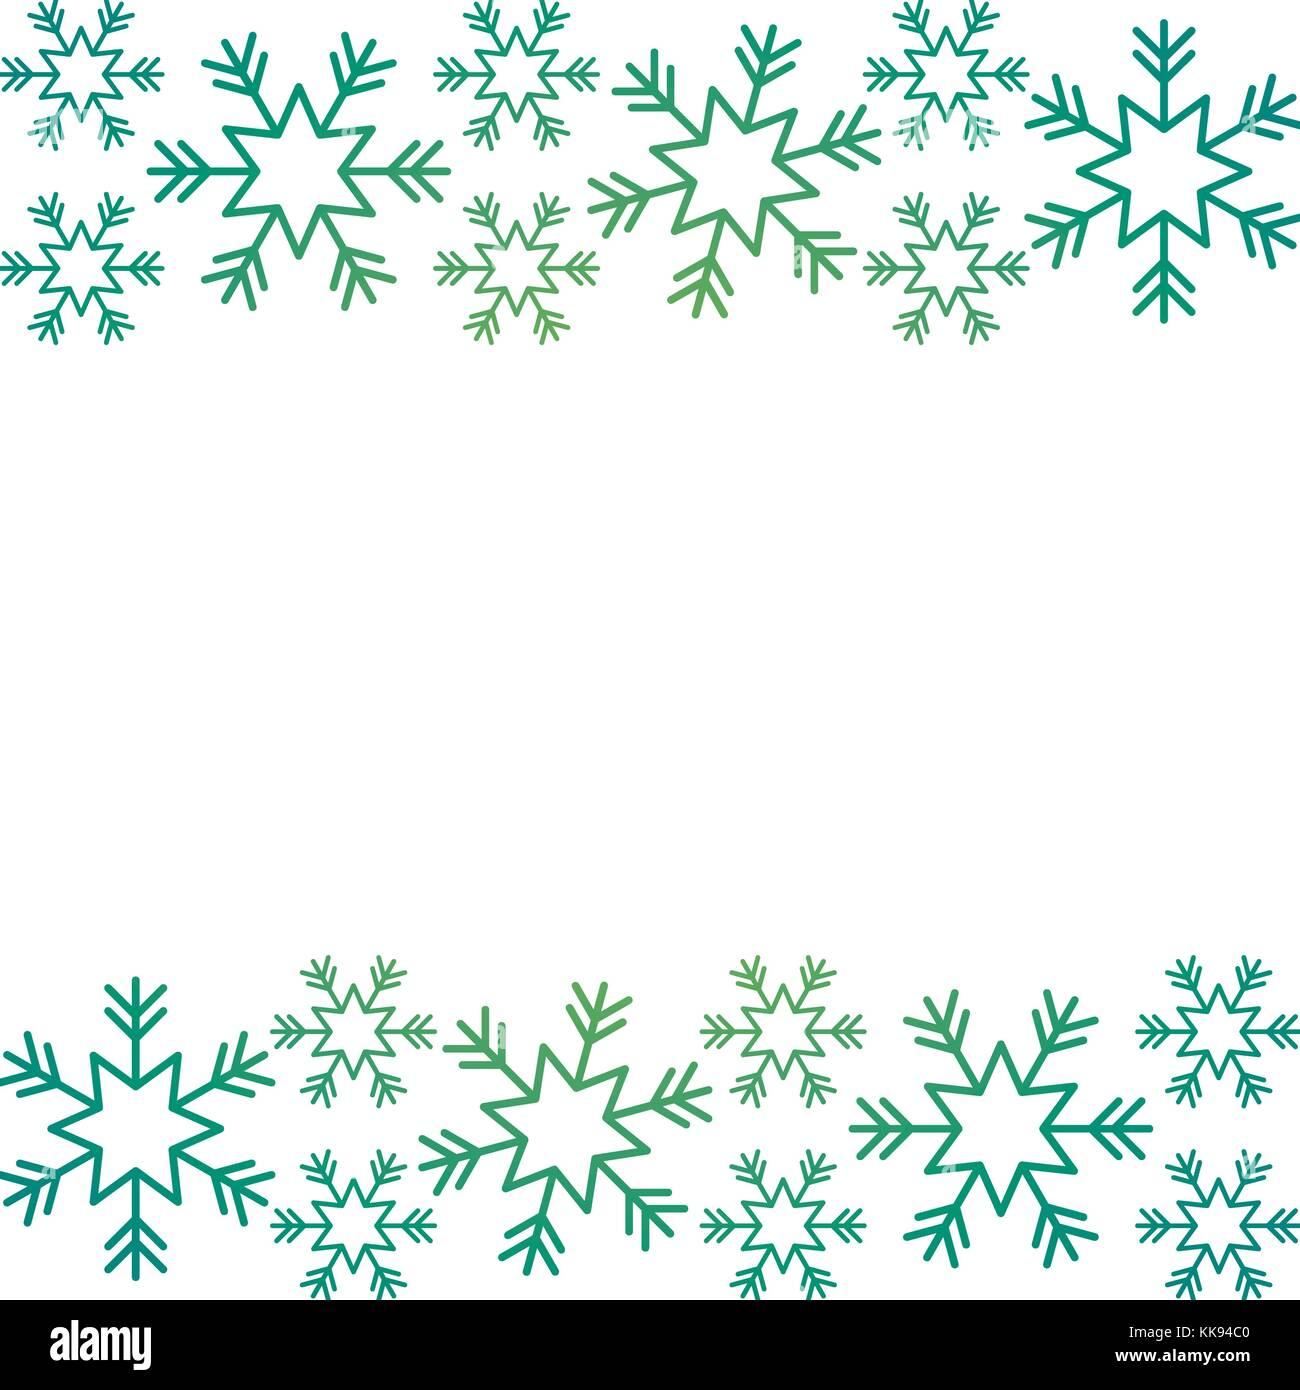 Weihnachten Grenze Schneeflocke winter Design Hintergrund Vektor ...